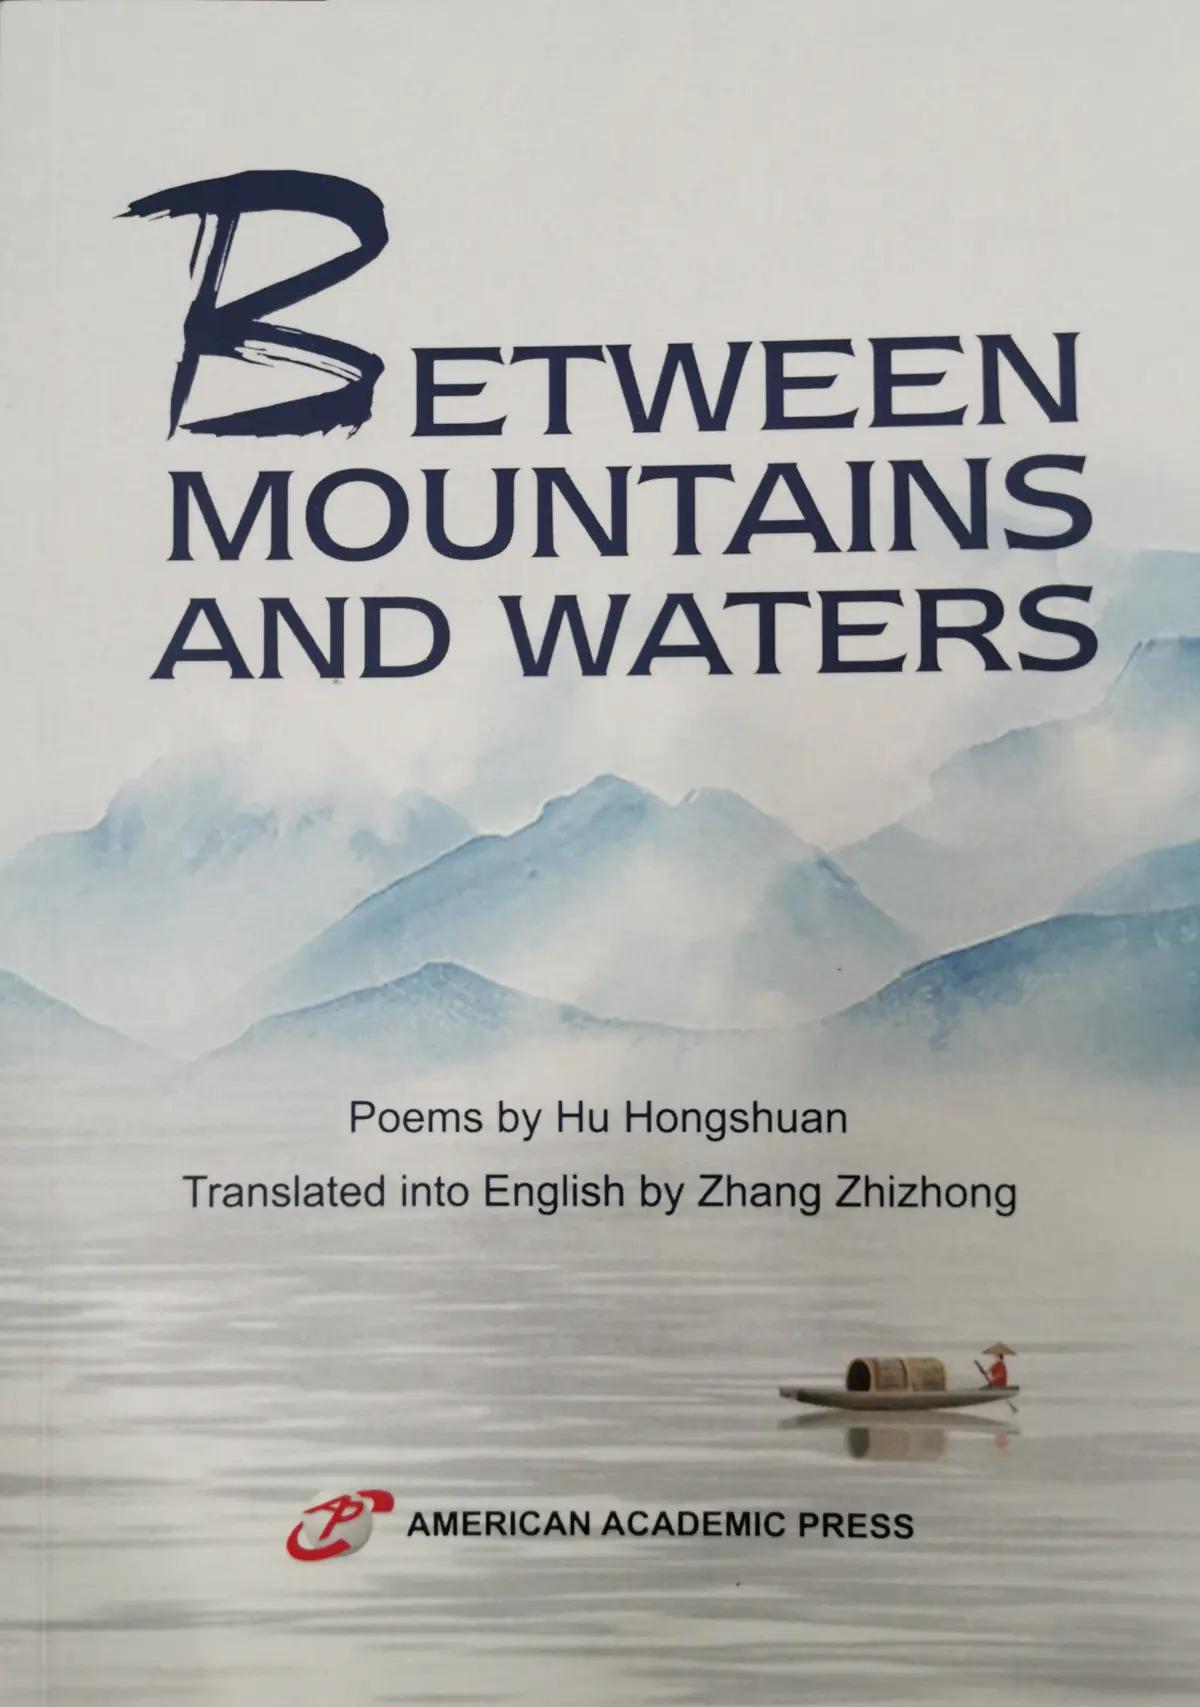 胡红拴诗集《山水间》日前由美国学术出版社出版发行